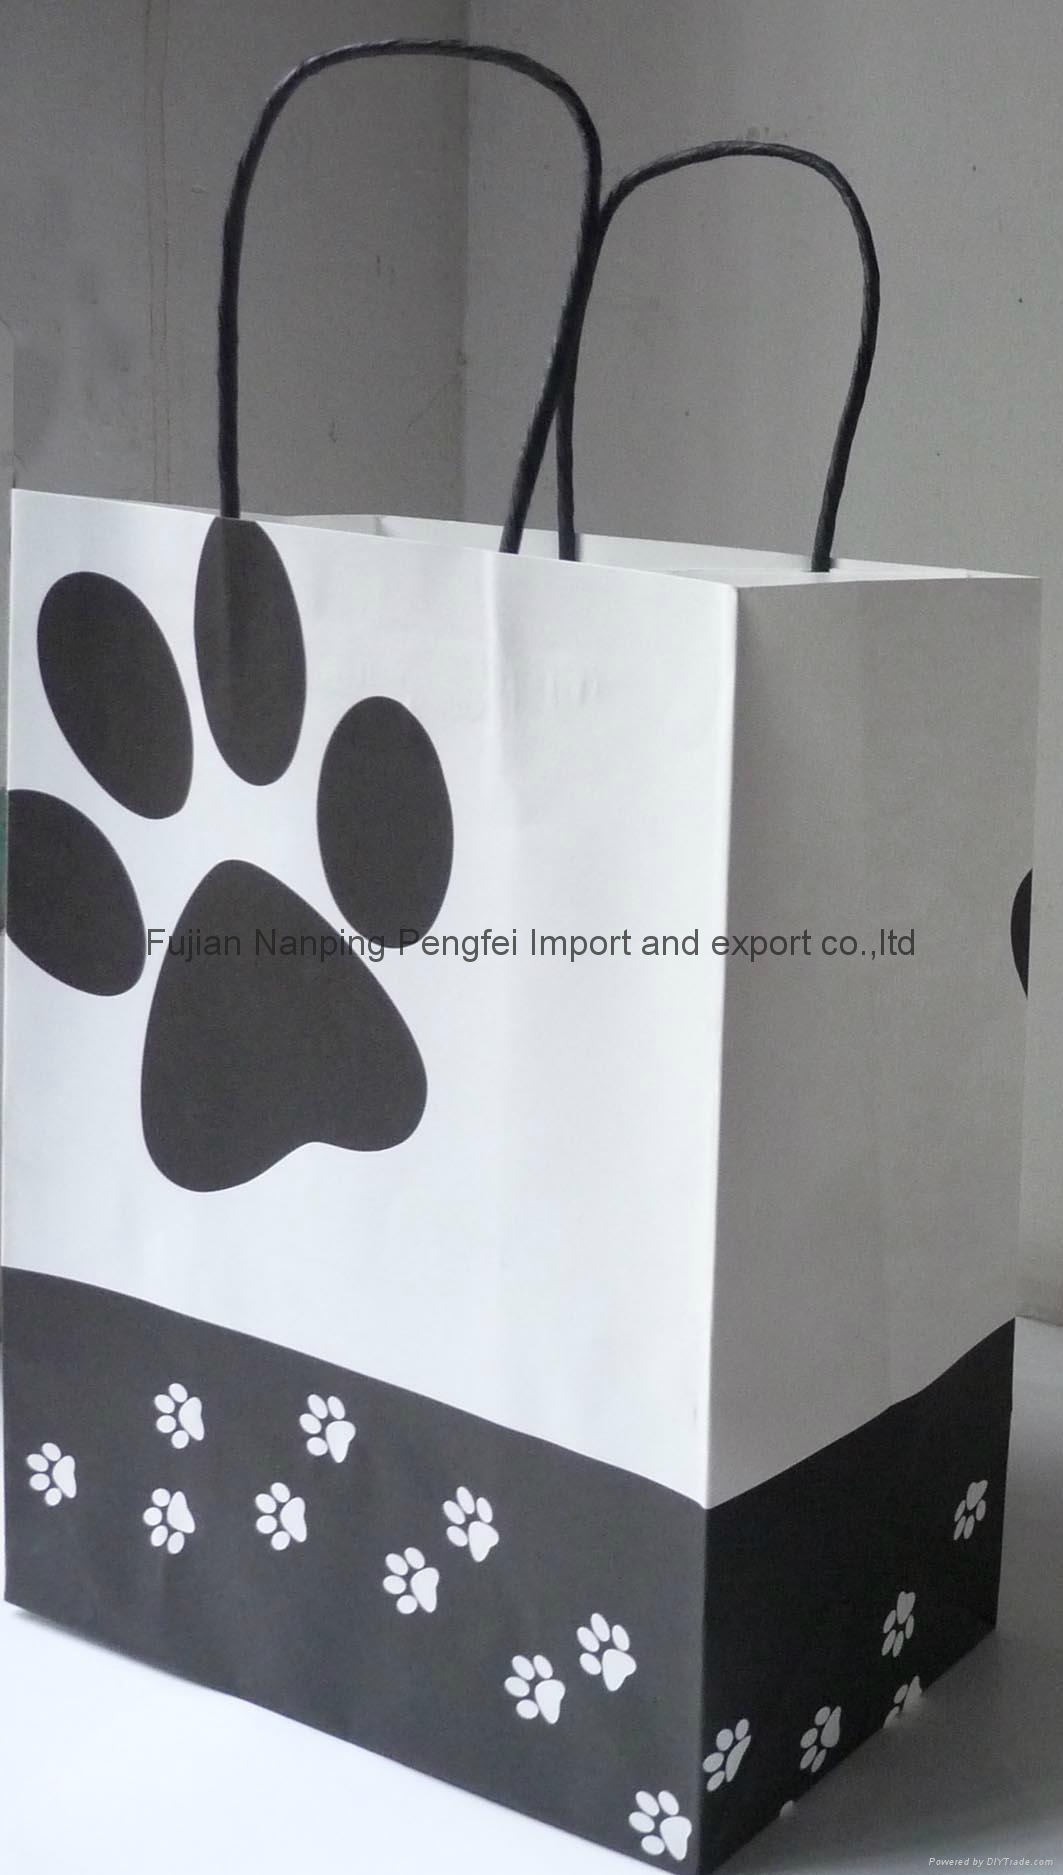 PET shopping bags 1